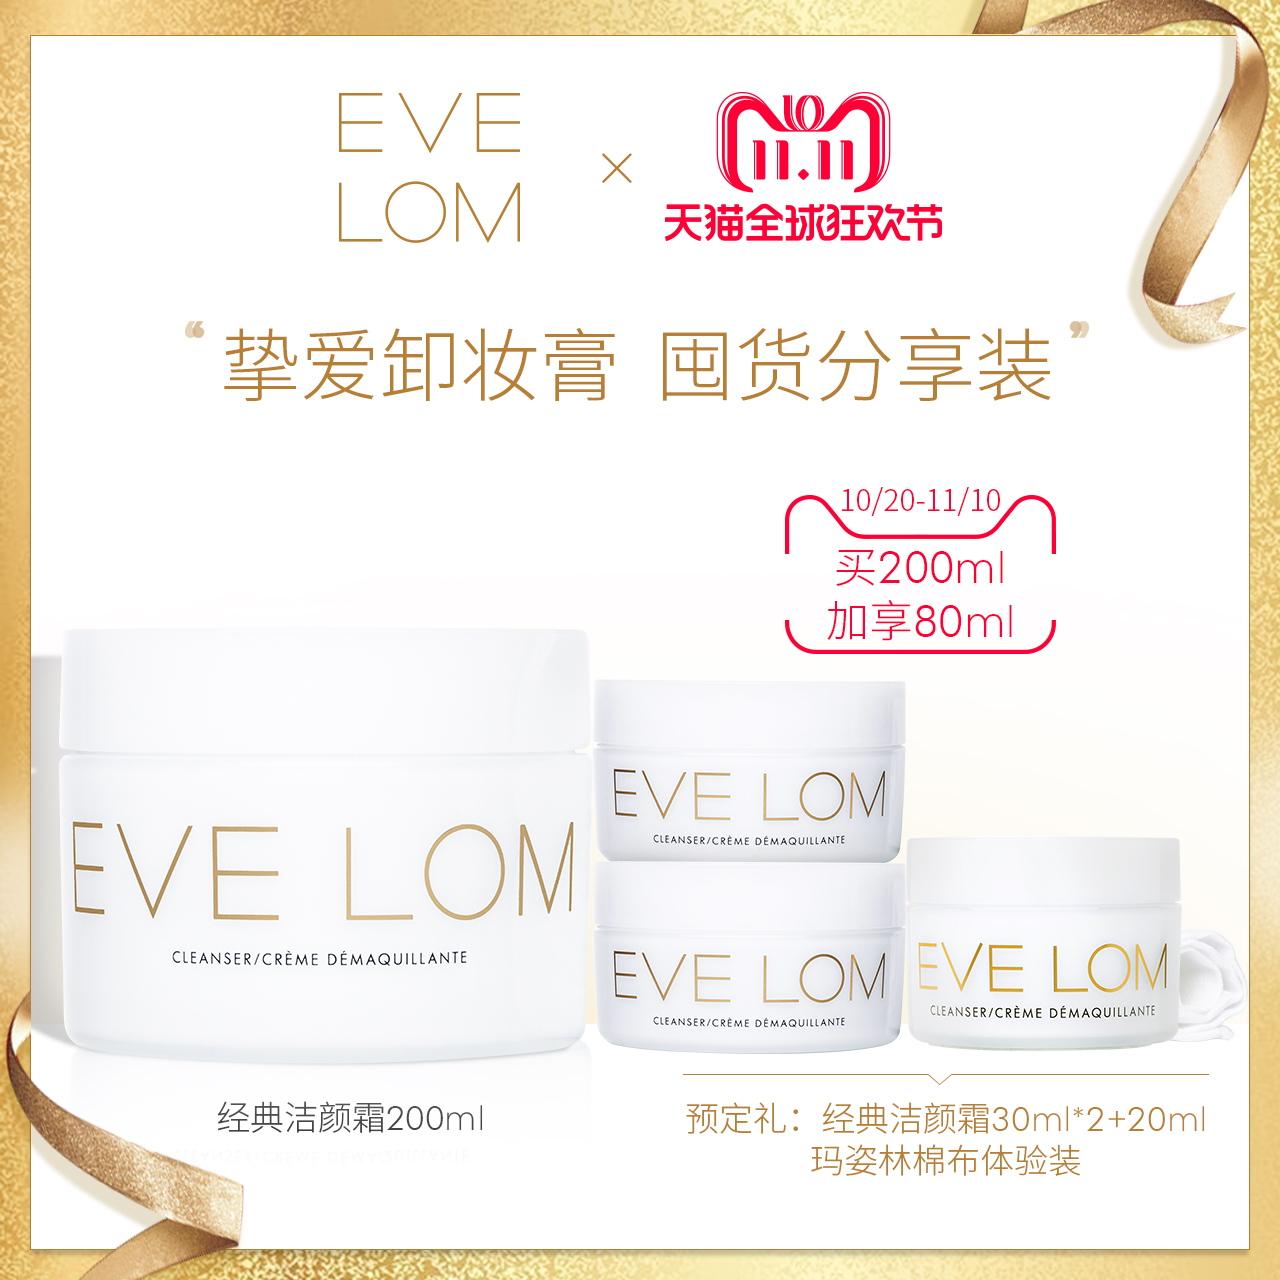 EVE LOM经典洁颜霜200ml洁面卸妆膏温和